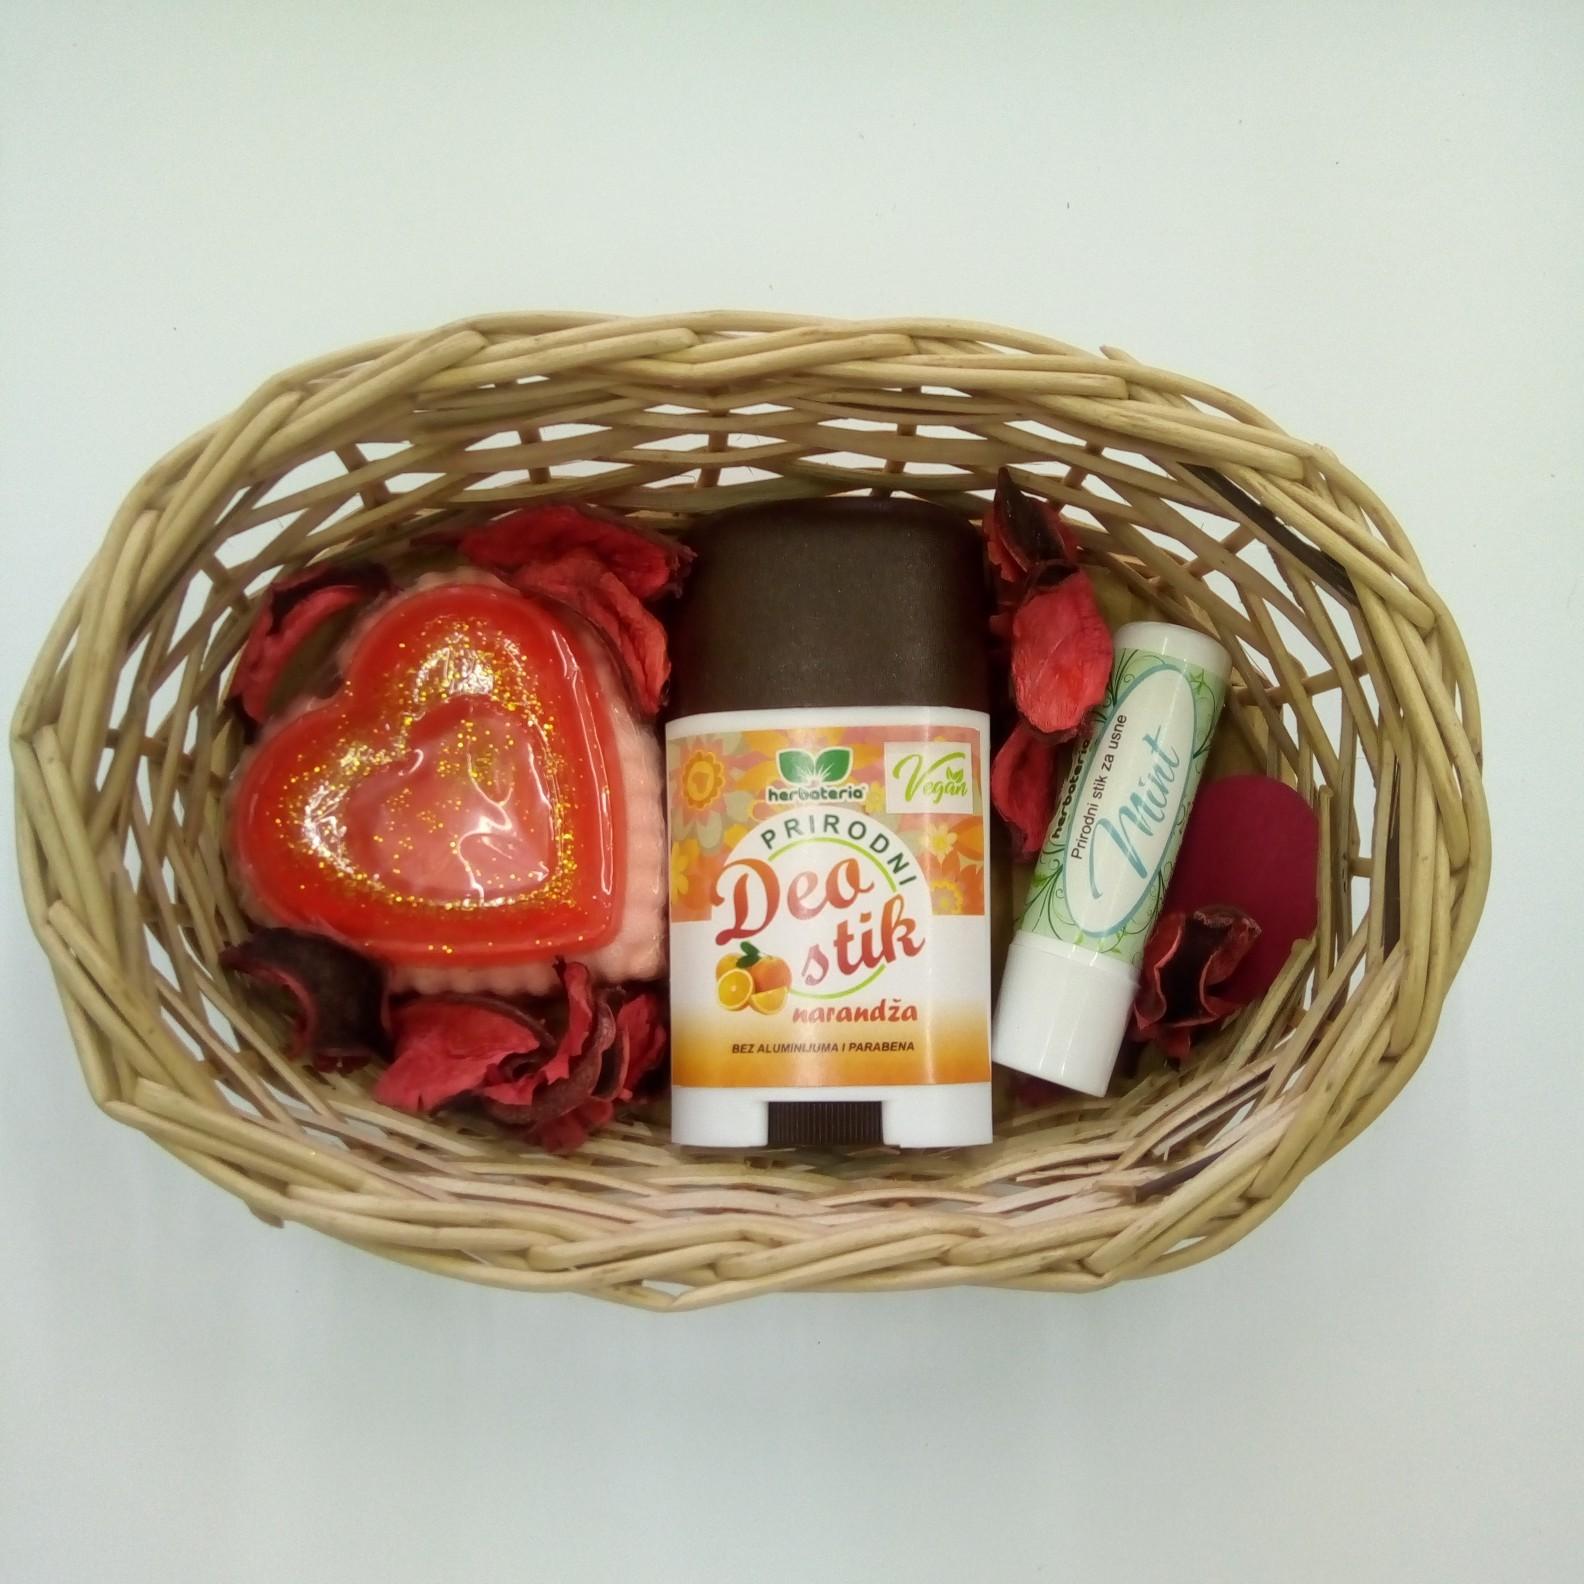 Poklon set (glicerinski sapun, deo stik, stik za usne) 00465